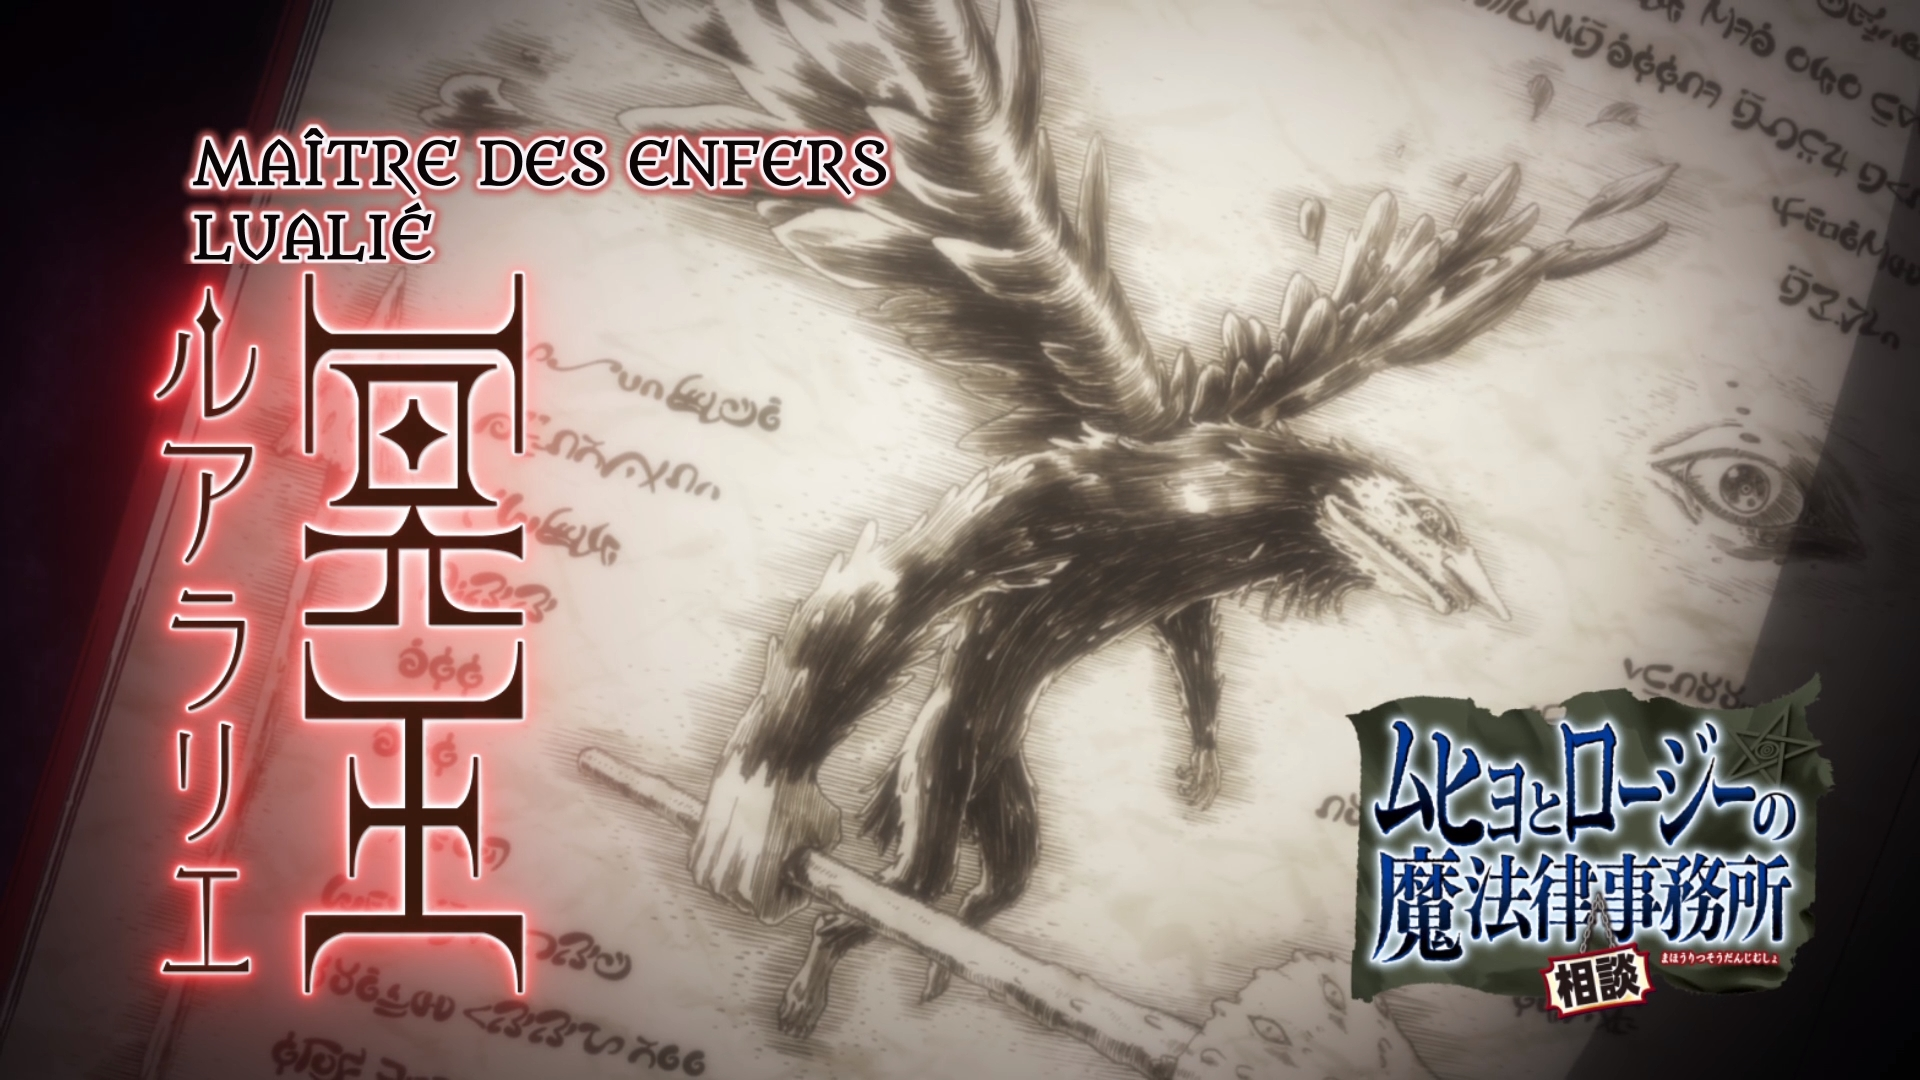 Muhyo & Roji Episode 20 Eyecatch a